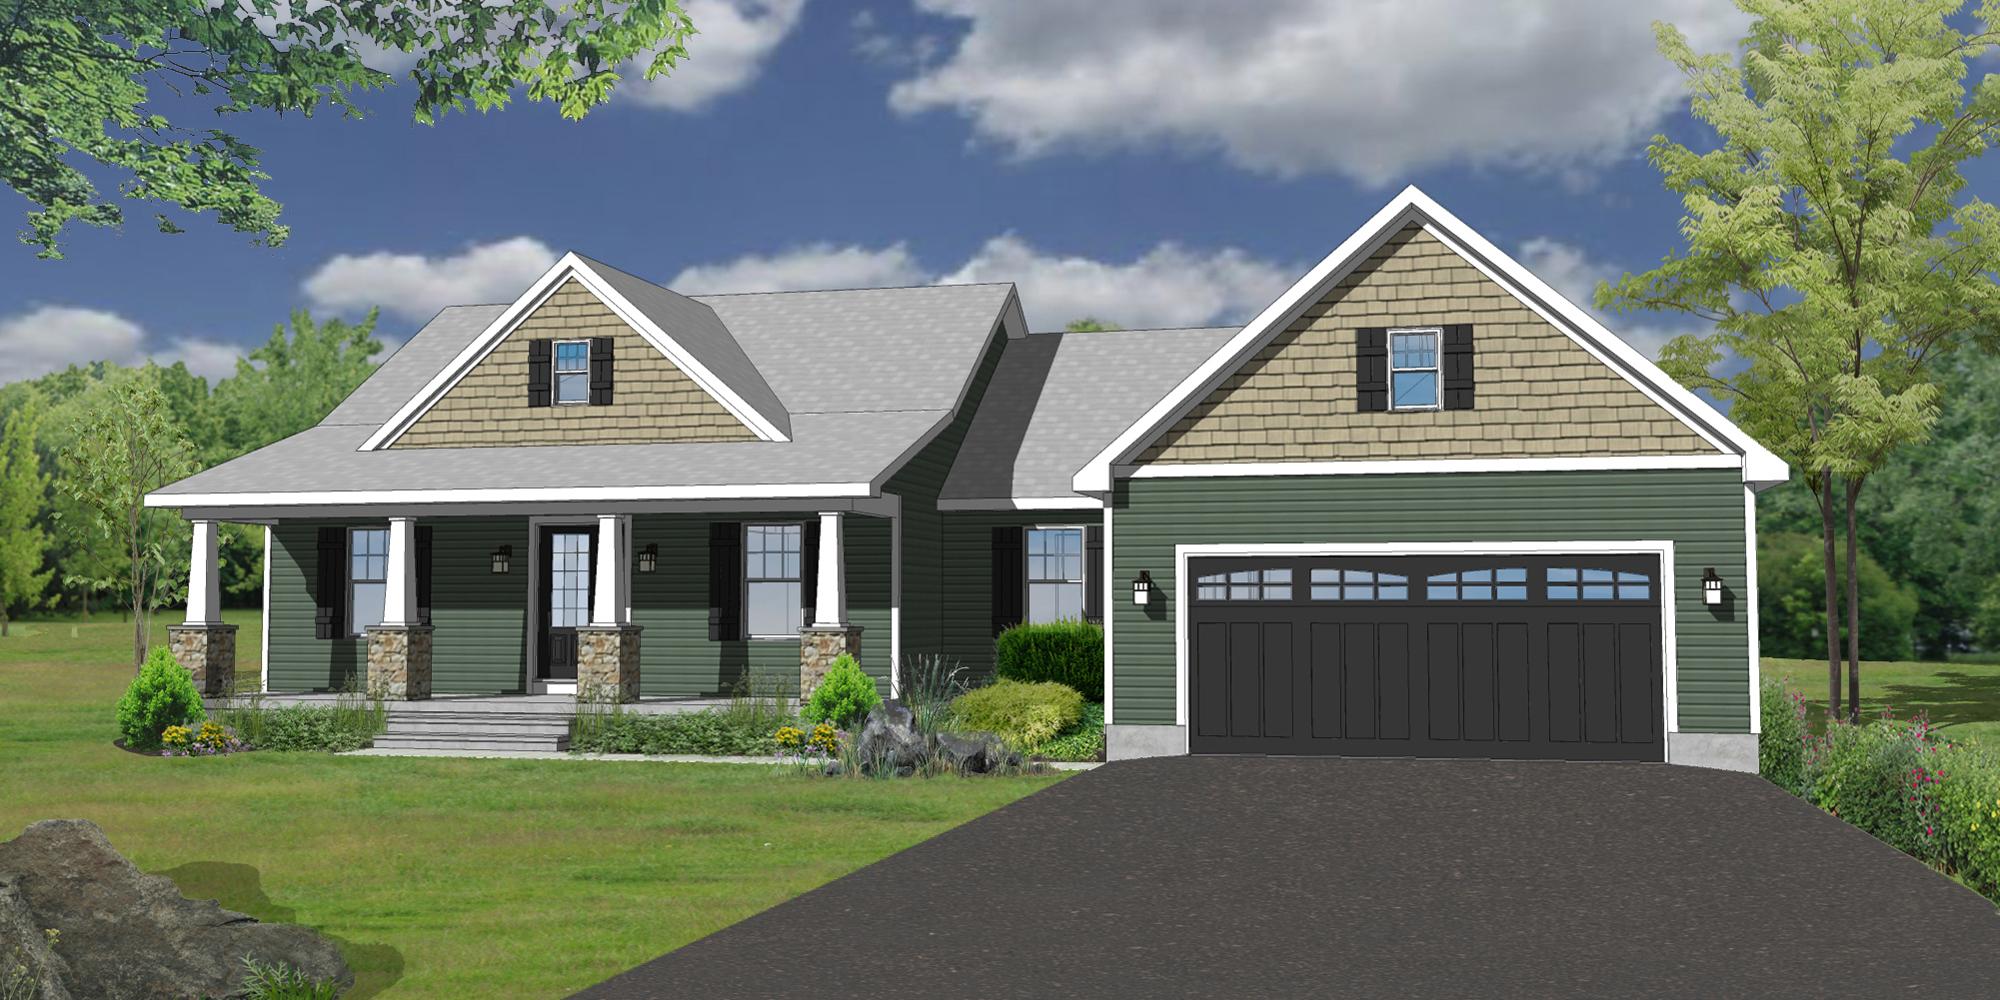 Hideaway Hills Swiftwater III Home Design